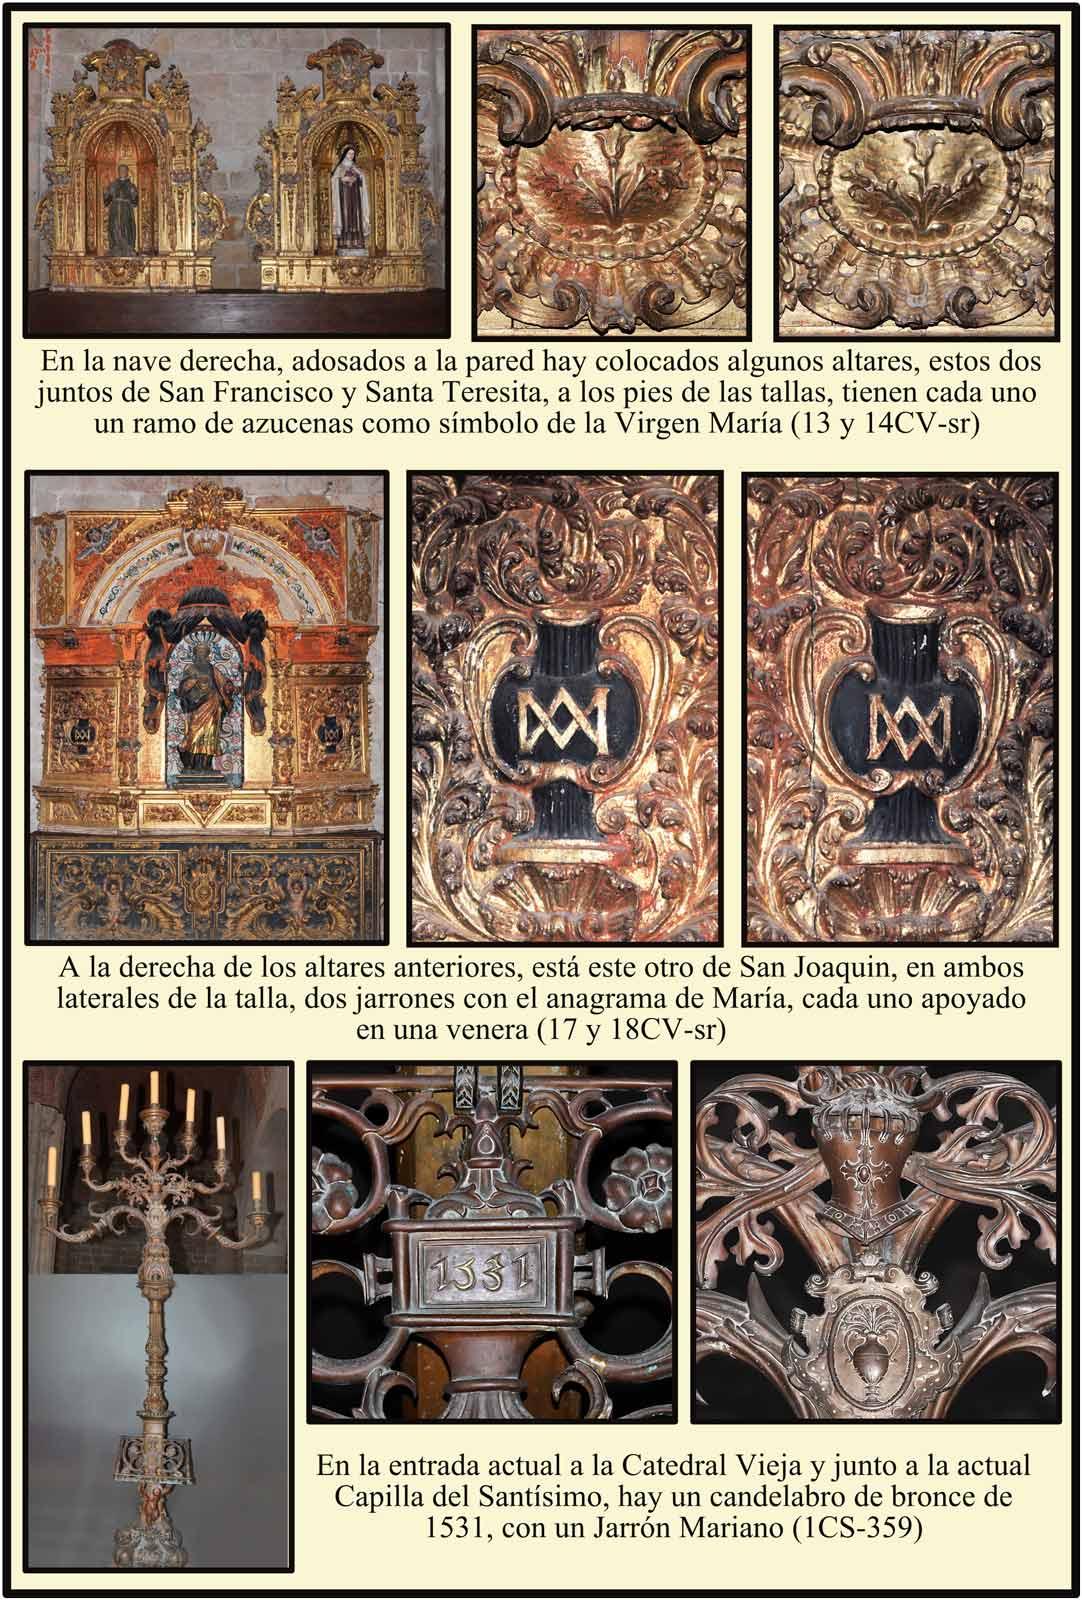 Altares Catedral Vieja Plasencia Simbolos marianos